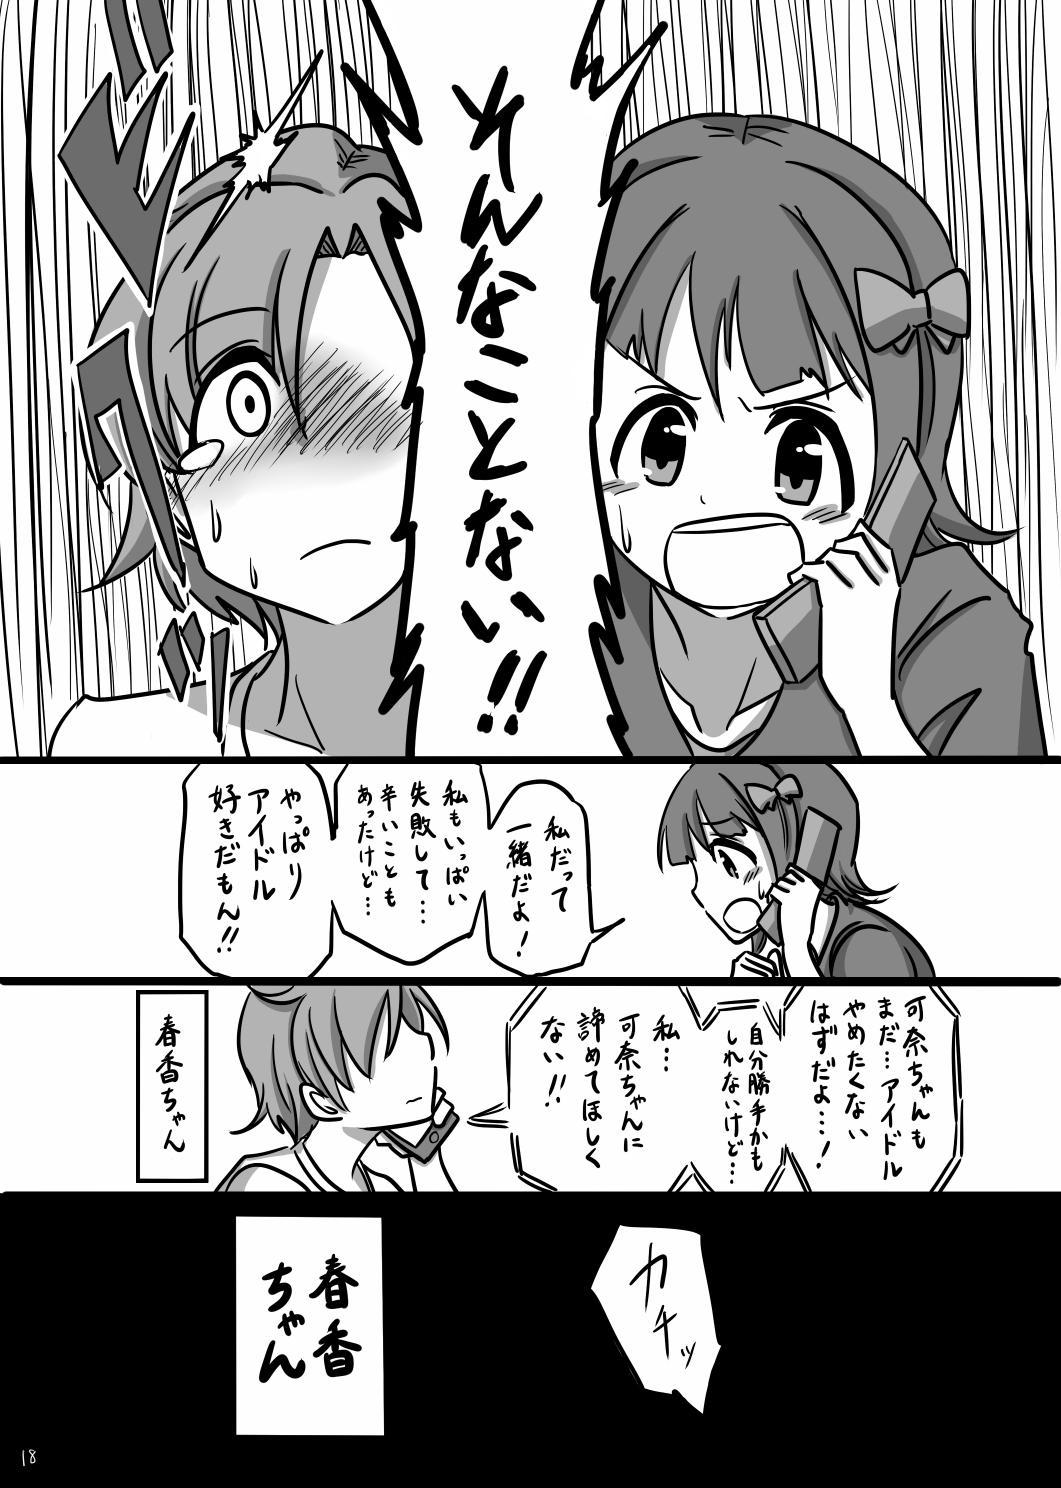 Moshimo Gekijouban no Yabuki Kana ga Stress o Onanie de Hassanshite Itara 15